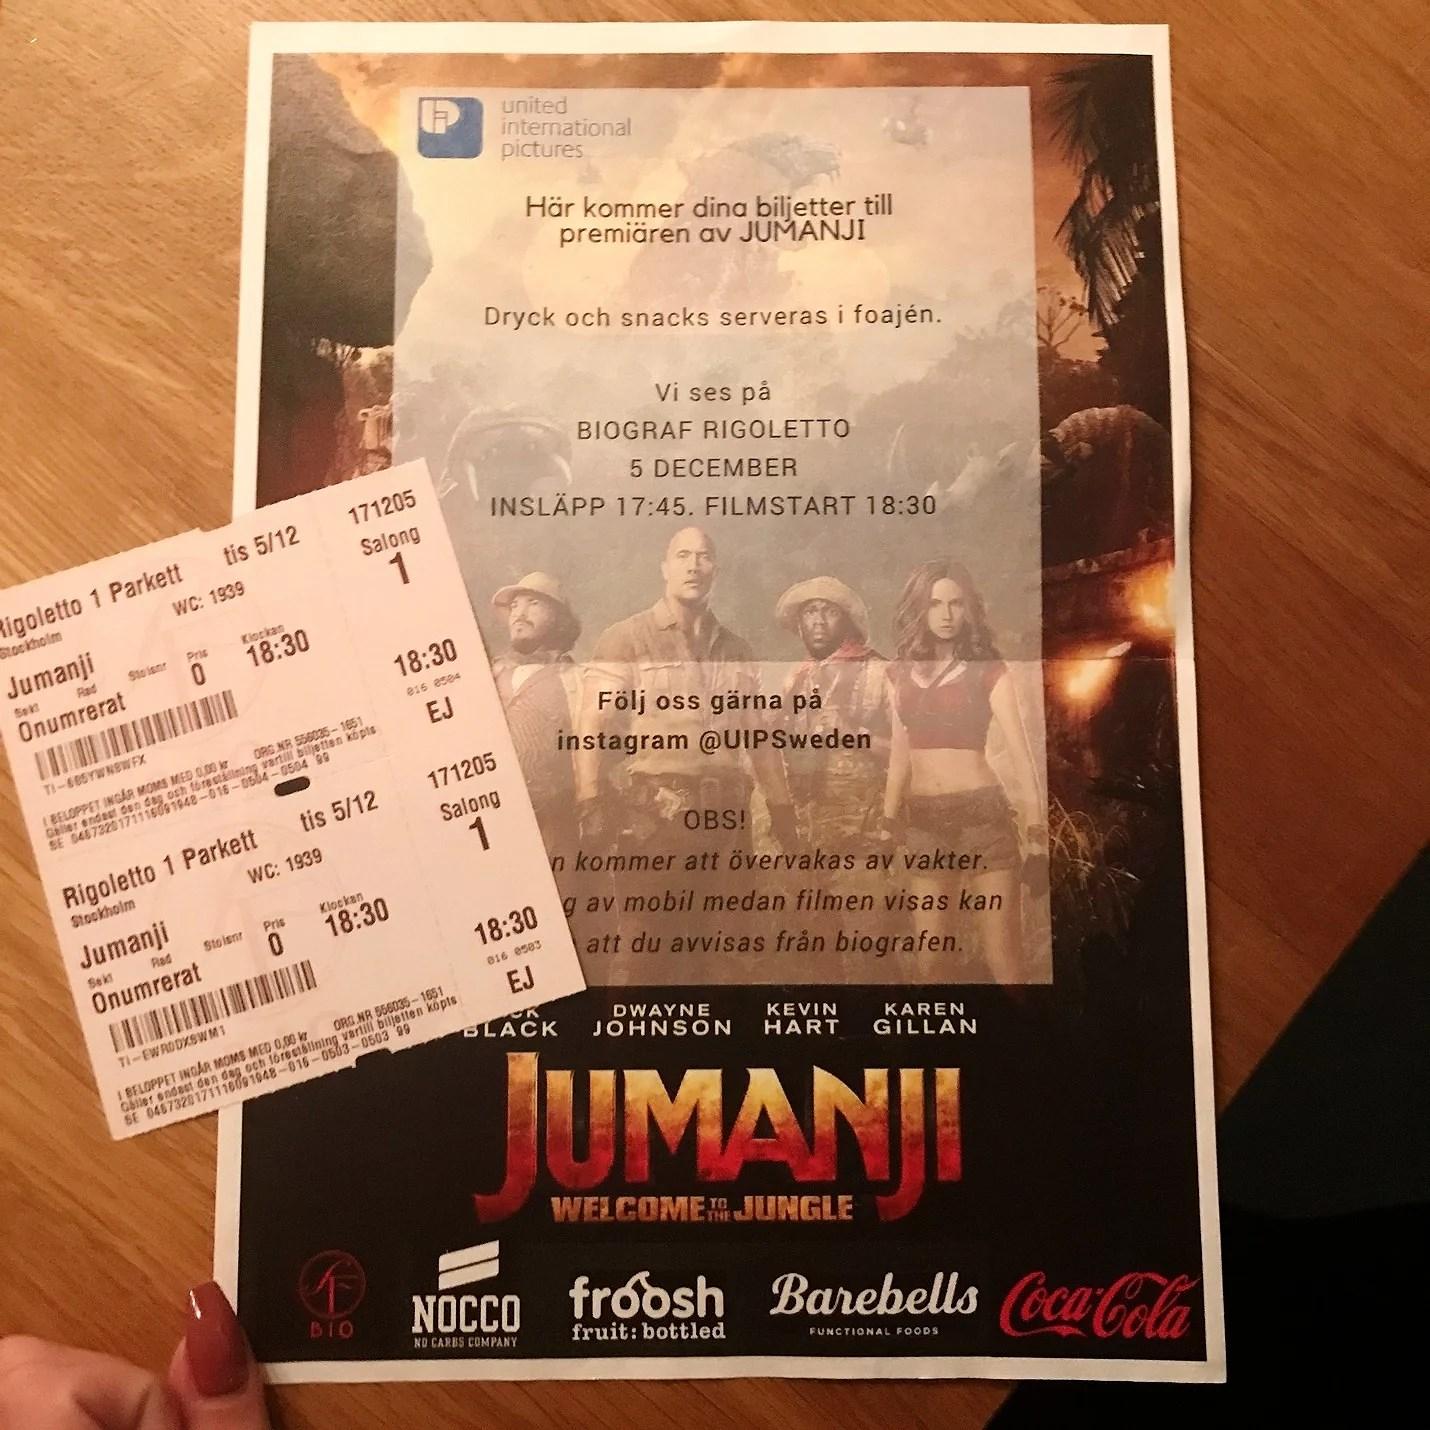 Premiären av Jumanji